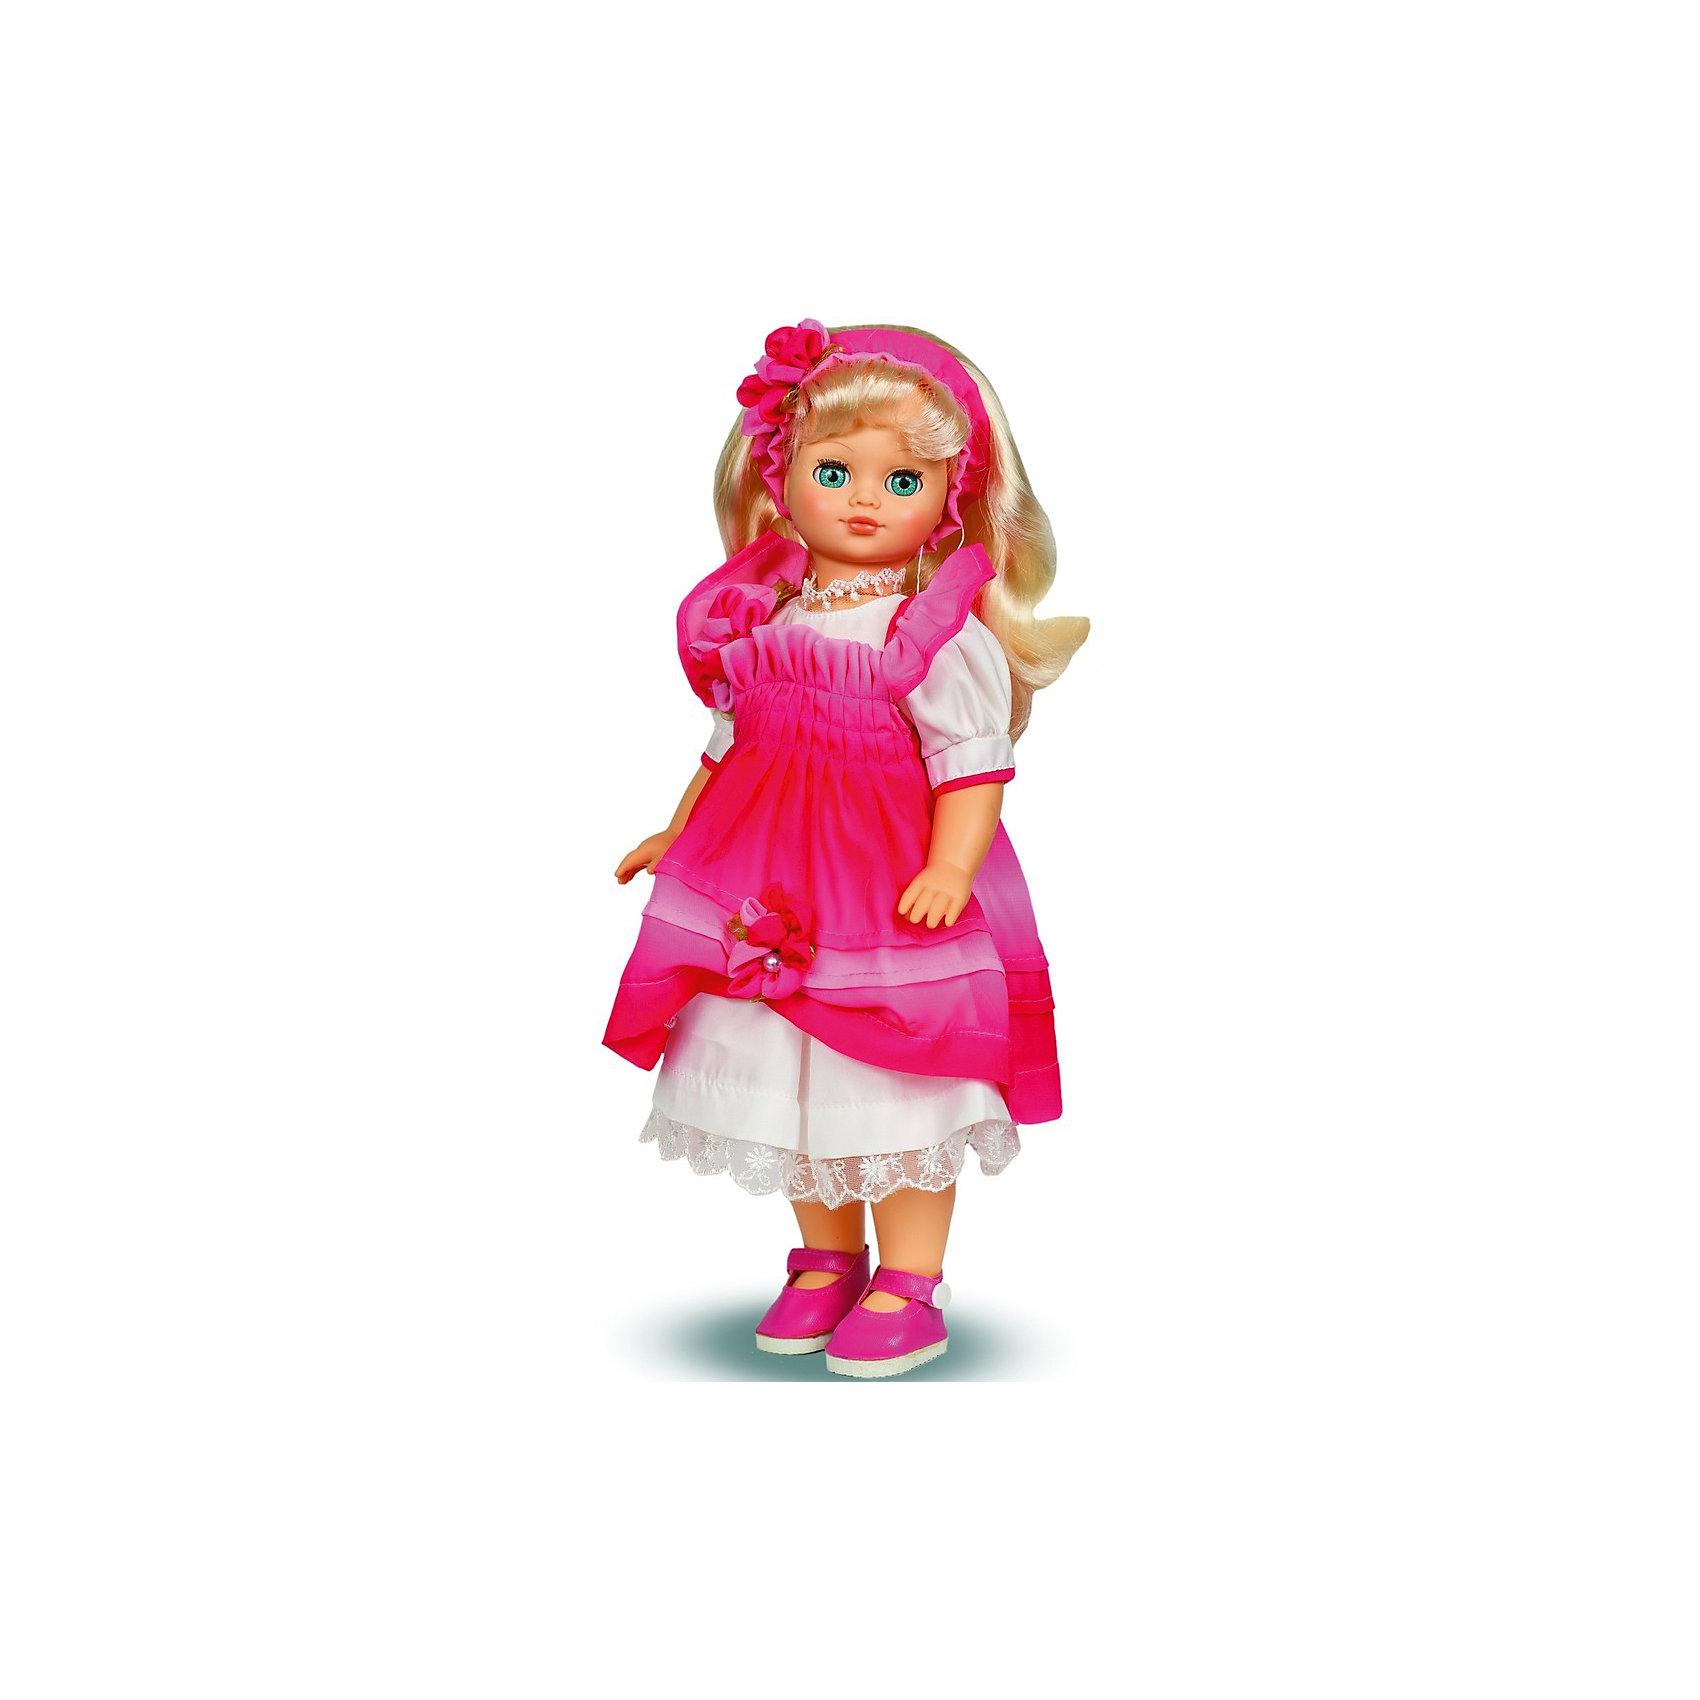 Весна Кукла Лиза, со звуком, 42 см, Весна весна весна кукла лиза 4 озвученная 42 см